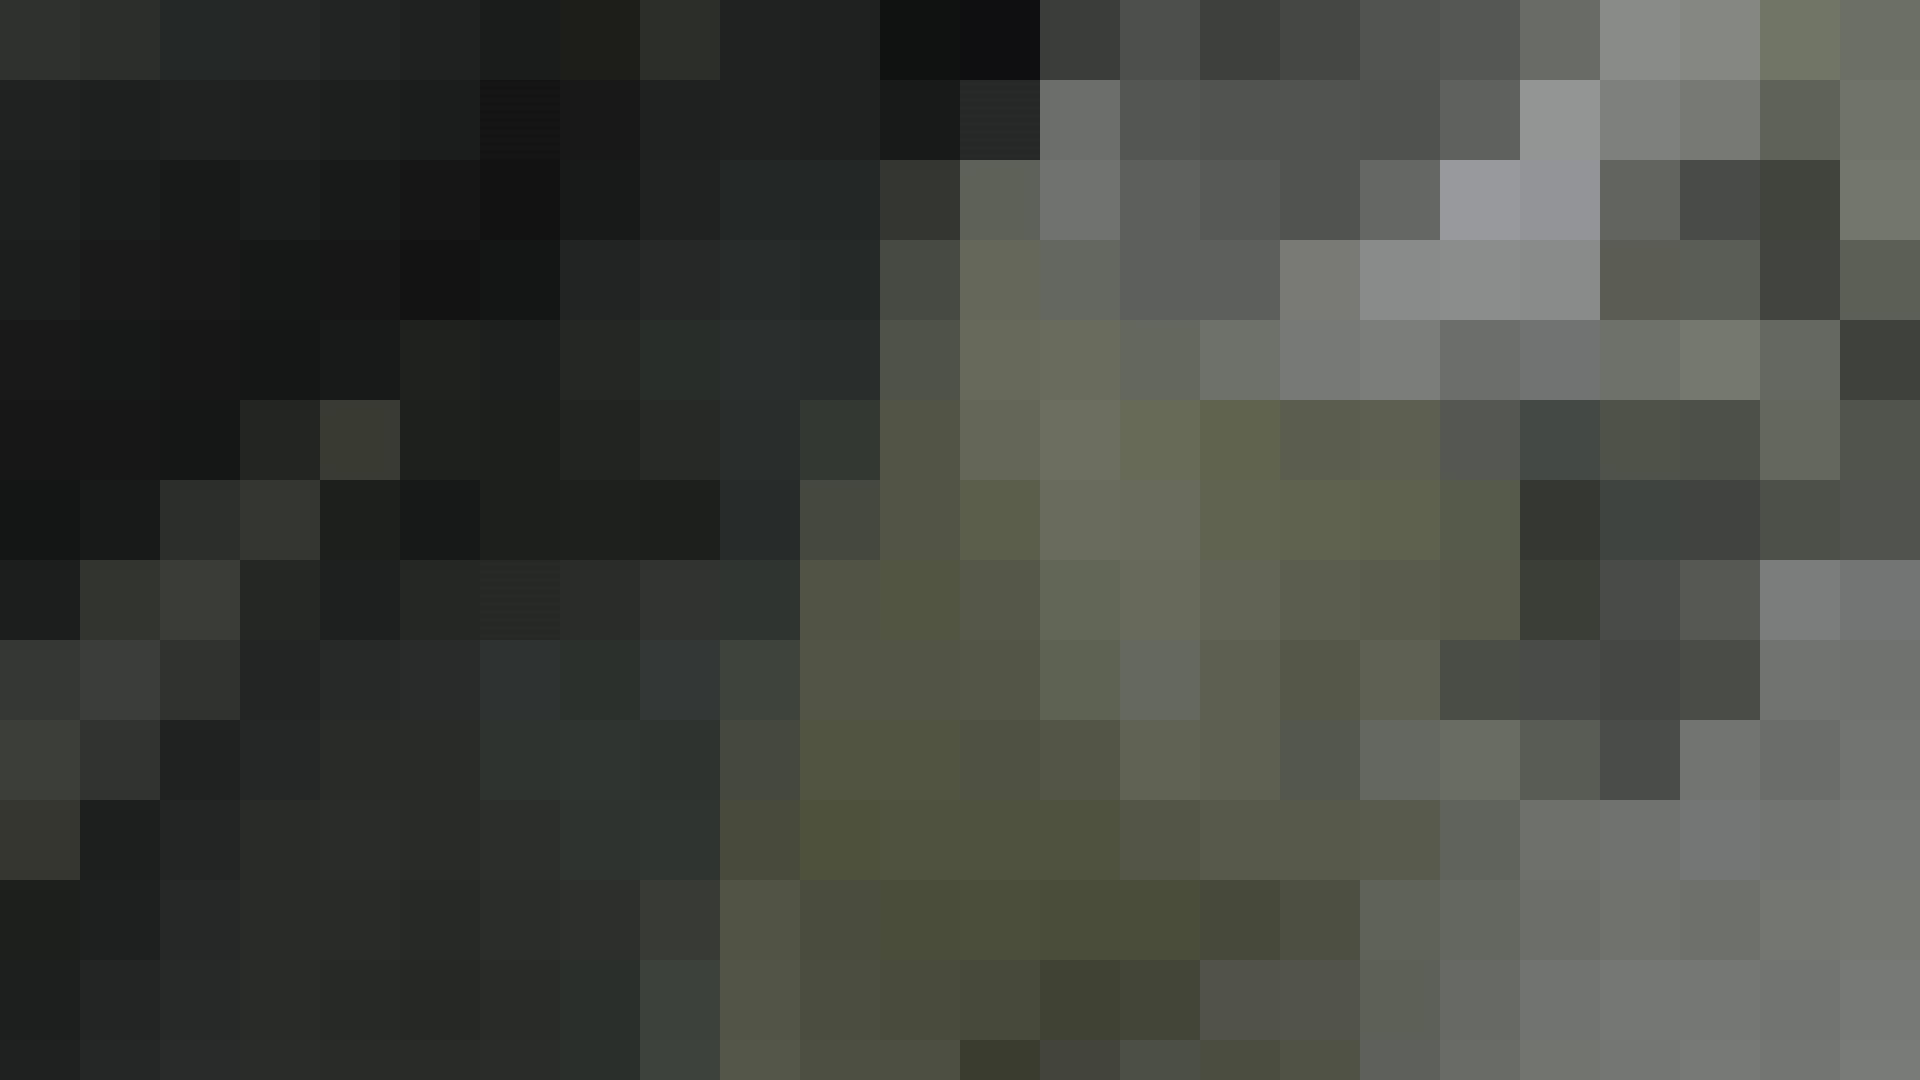 【美しき個室な世界】 vol.017 (゜∀゜) 洗面所のぞき おめこ無修正画像 108枚 11